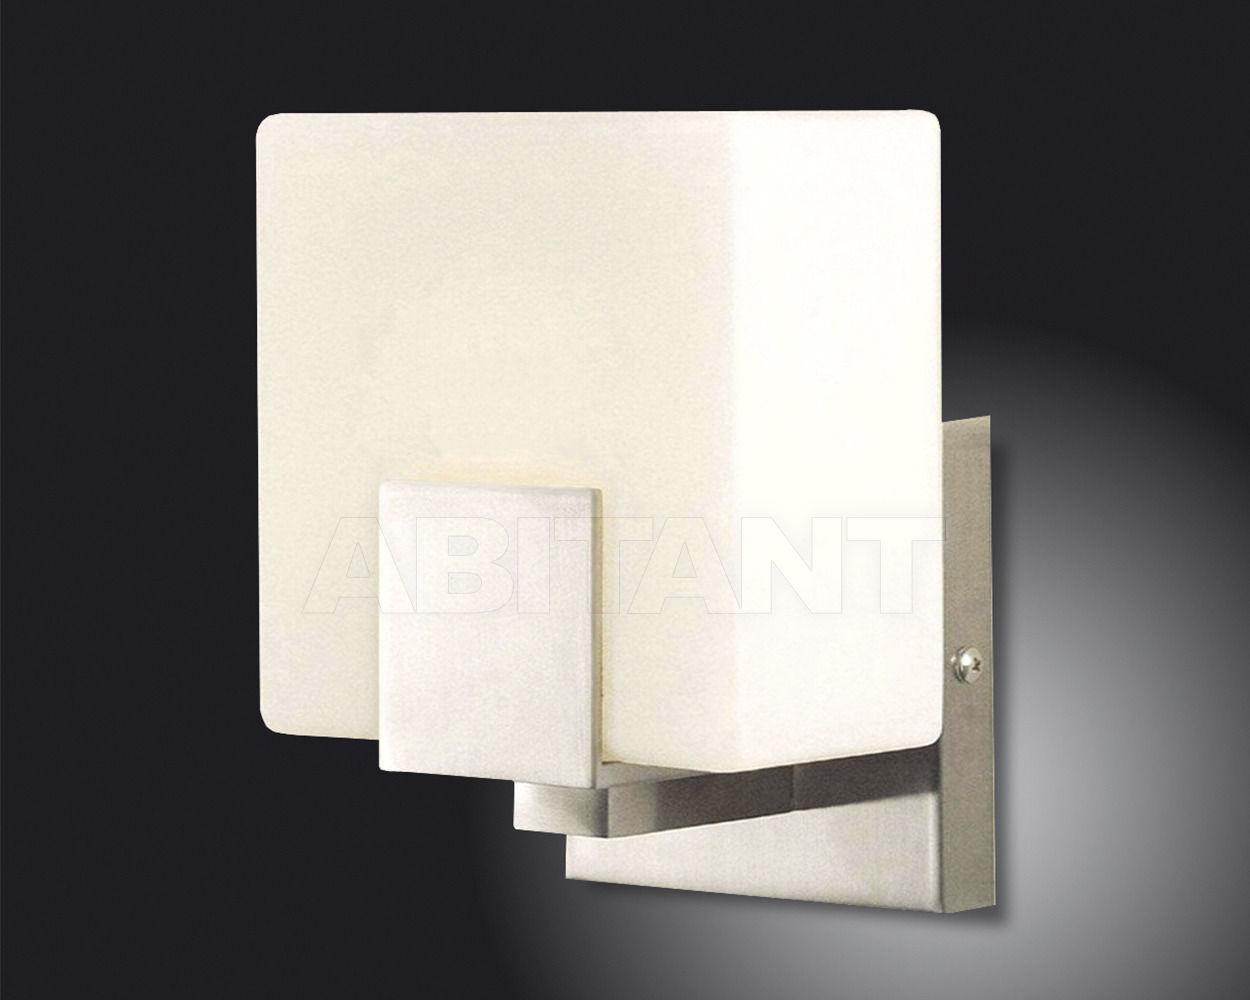 Купить Светильник настенный Linea Verdace 2012 LV 30111/NM